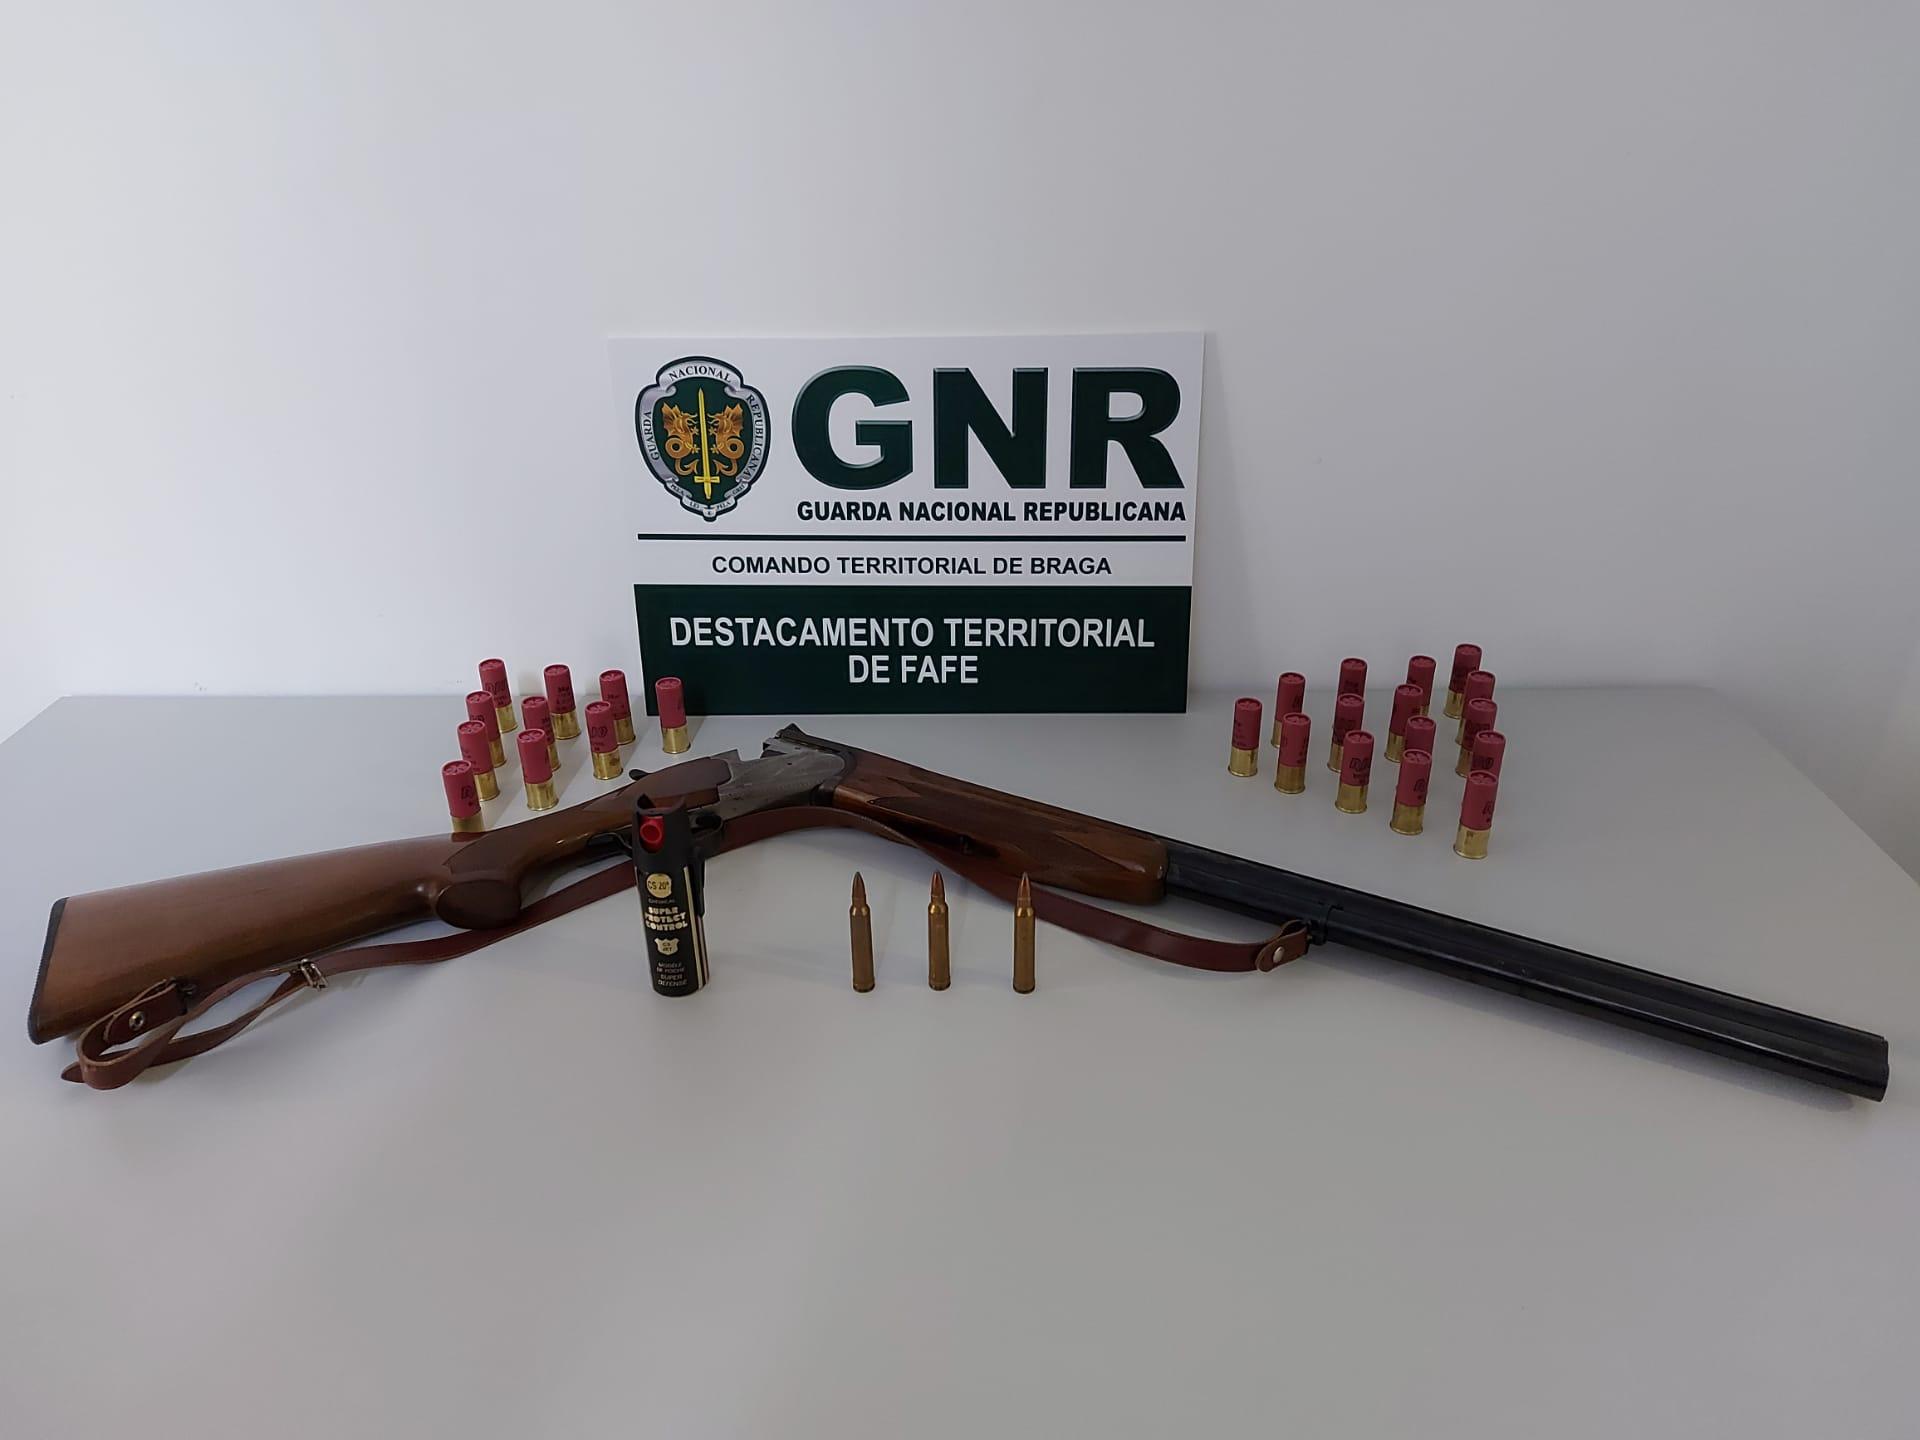 GNR de Fafe apreende espingarda a suspeito de ameaças com arma de fogo